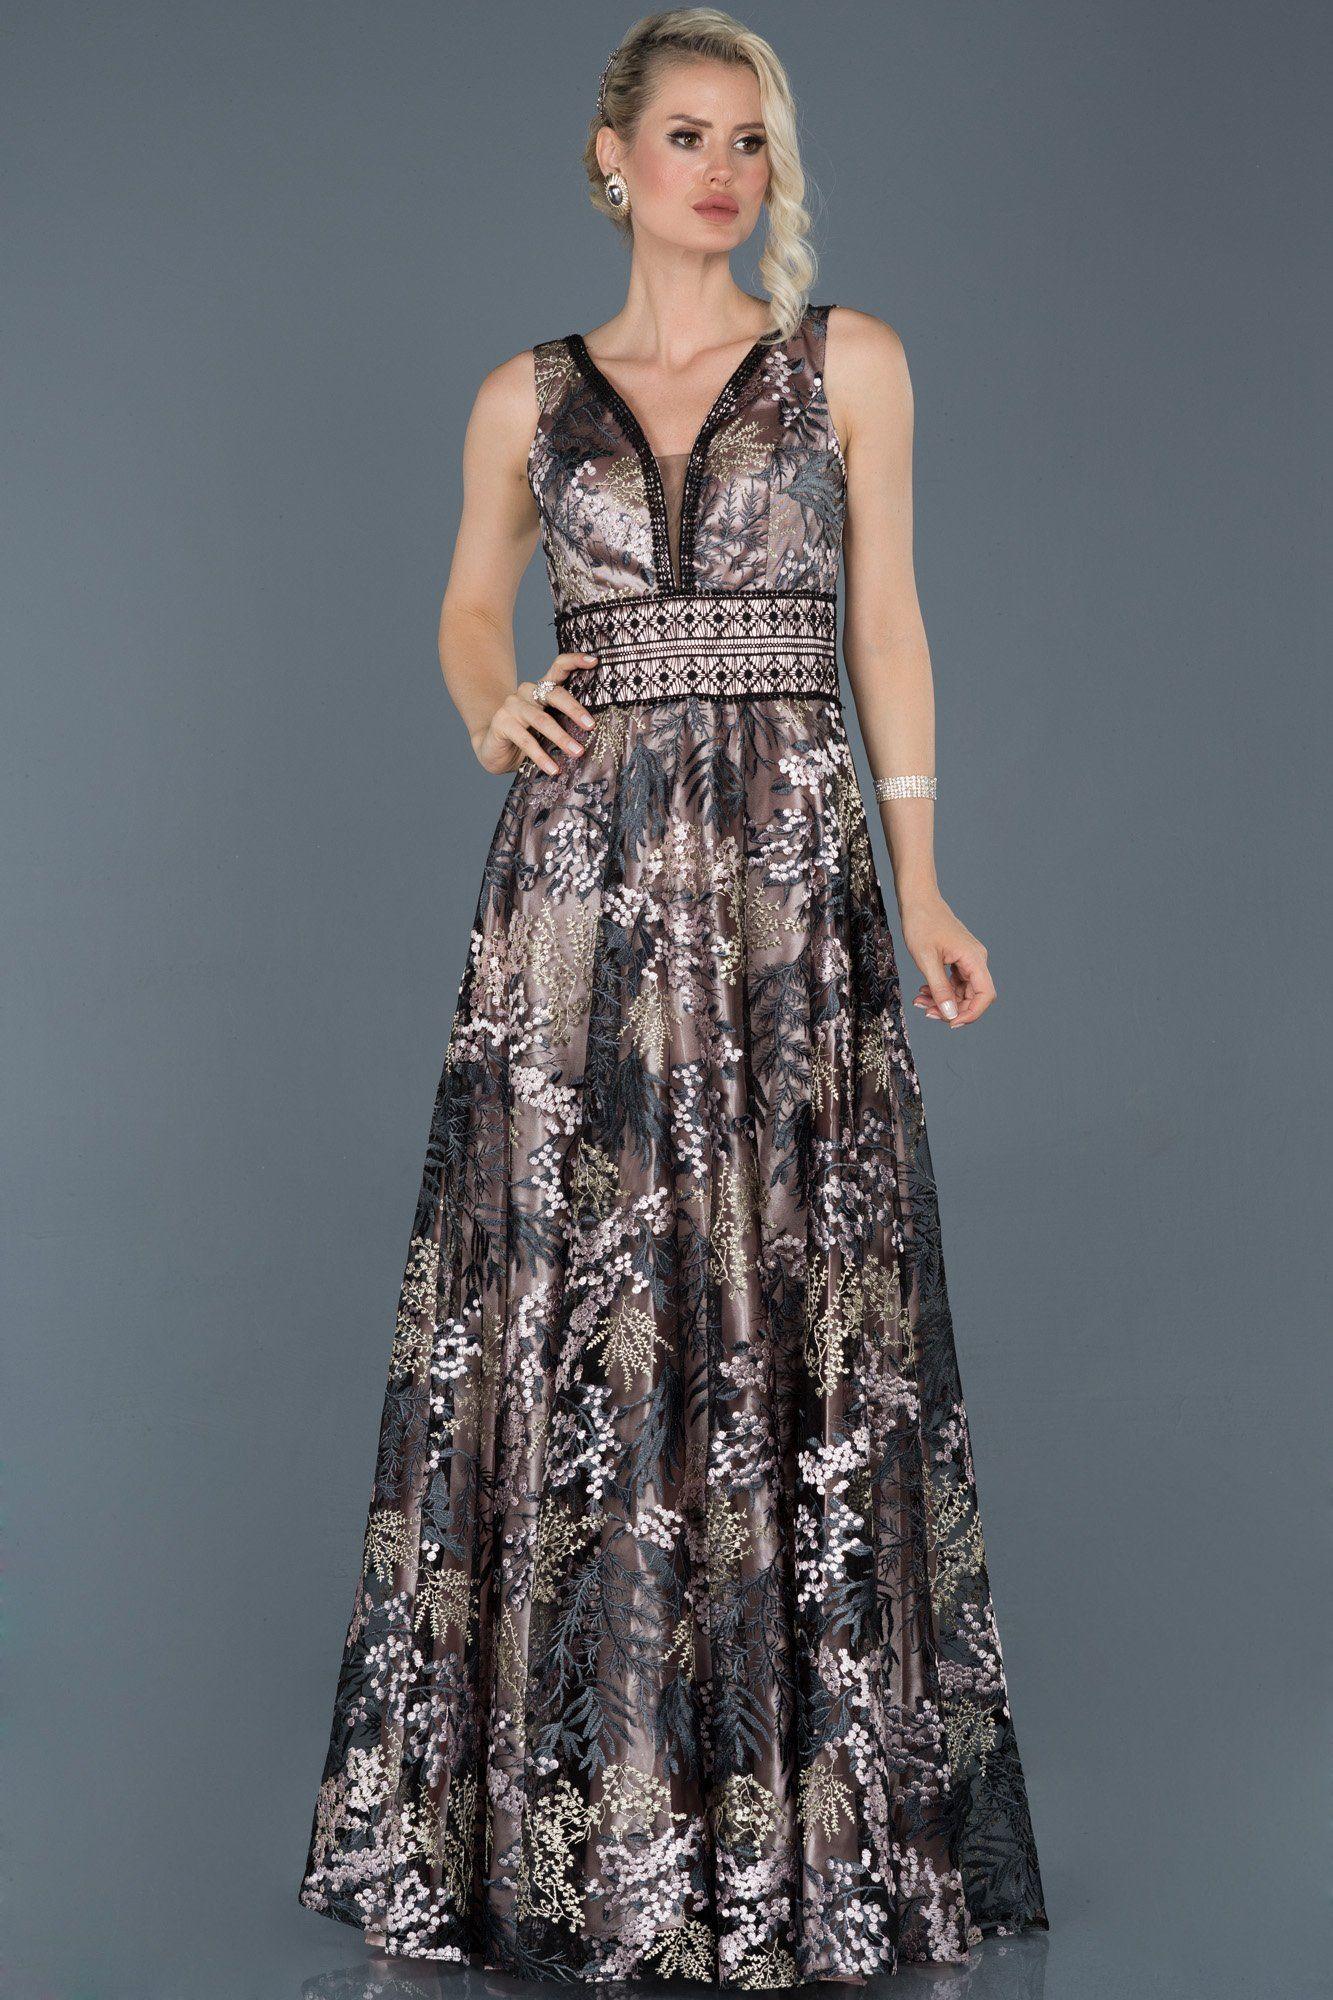 Siyah Uzun Nakisli Abiye Elbise Abu931 Aksamustu Giysileri Elbise Modelleri Uzun Elbise